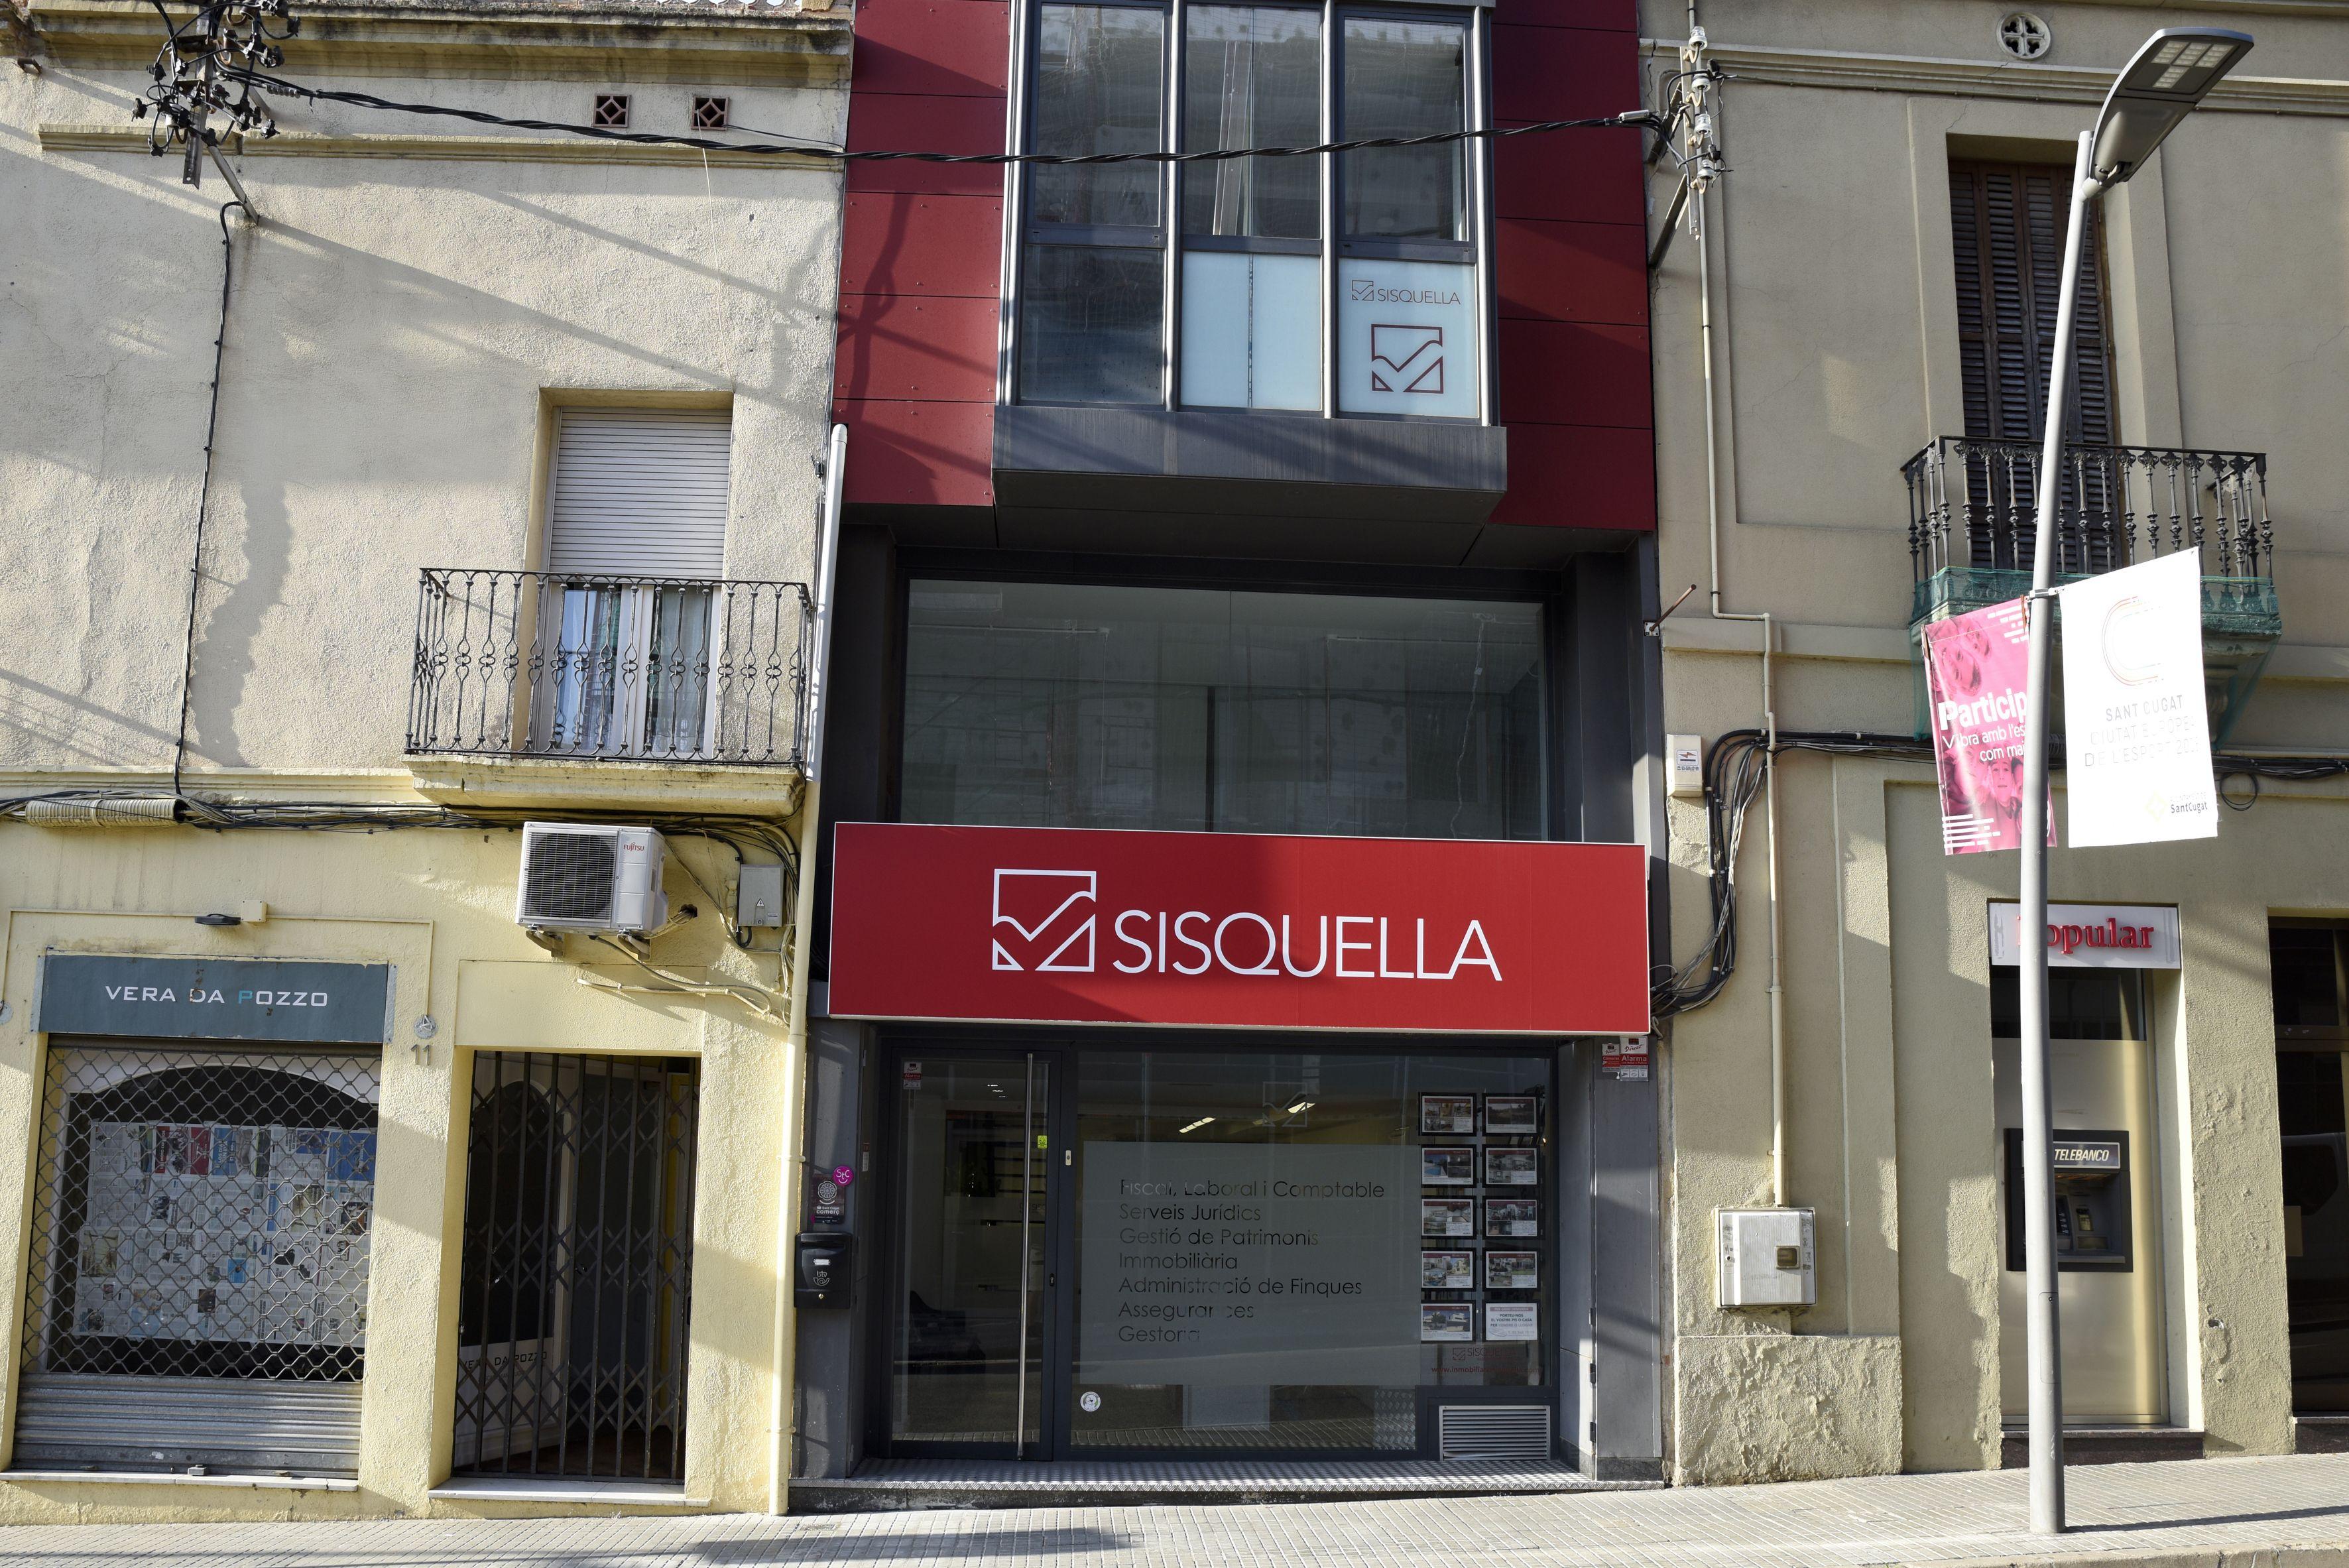 Exterior Sisquella Group